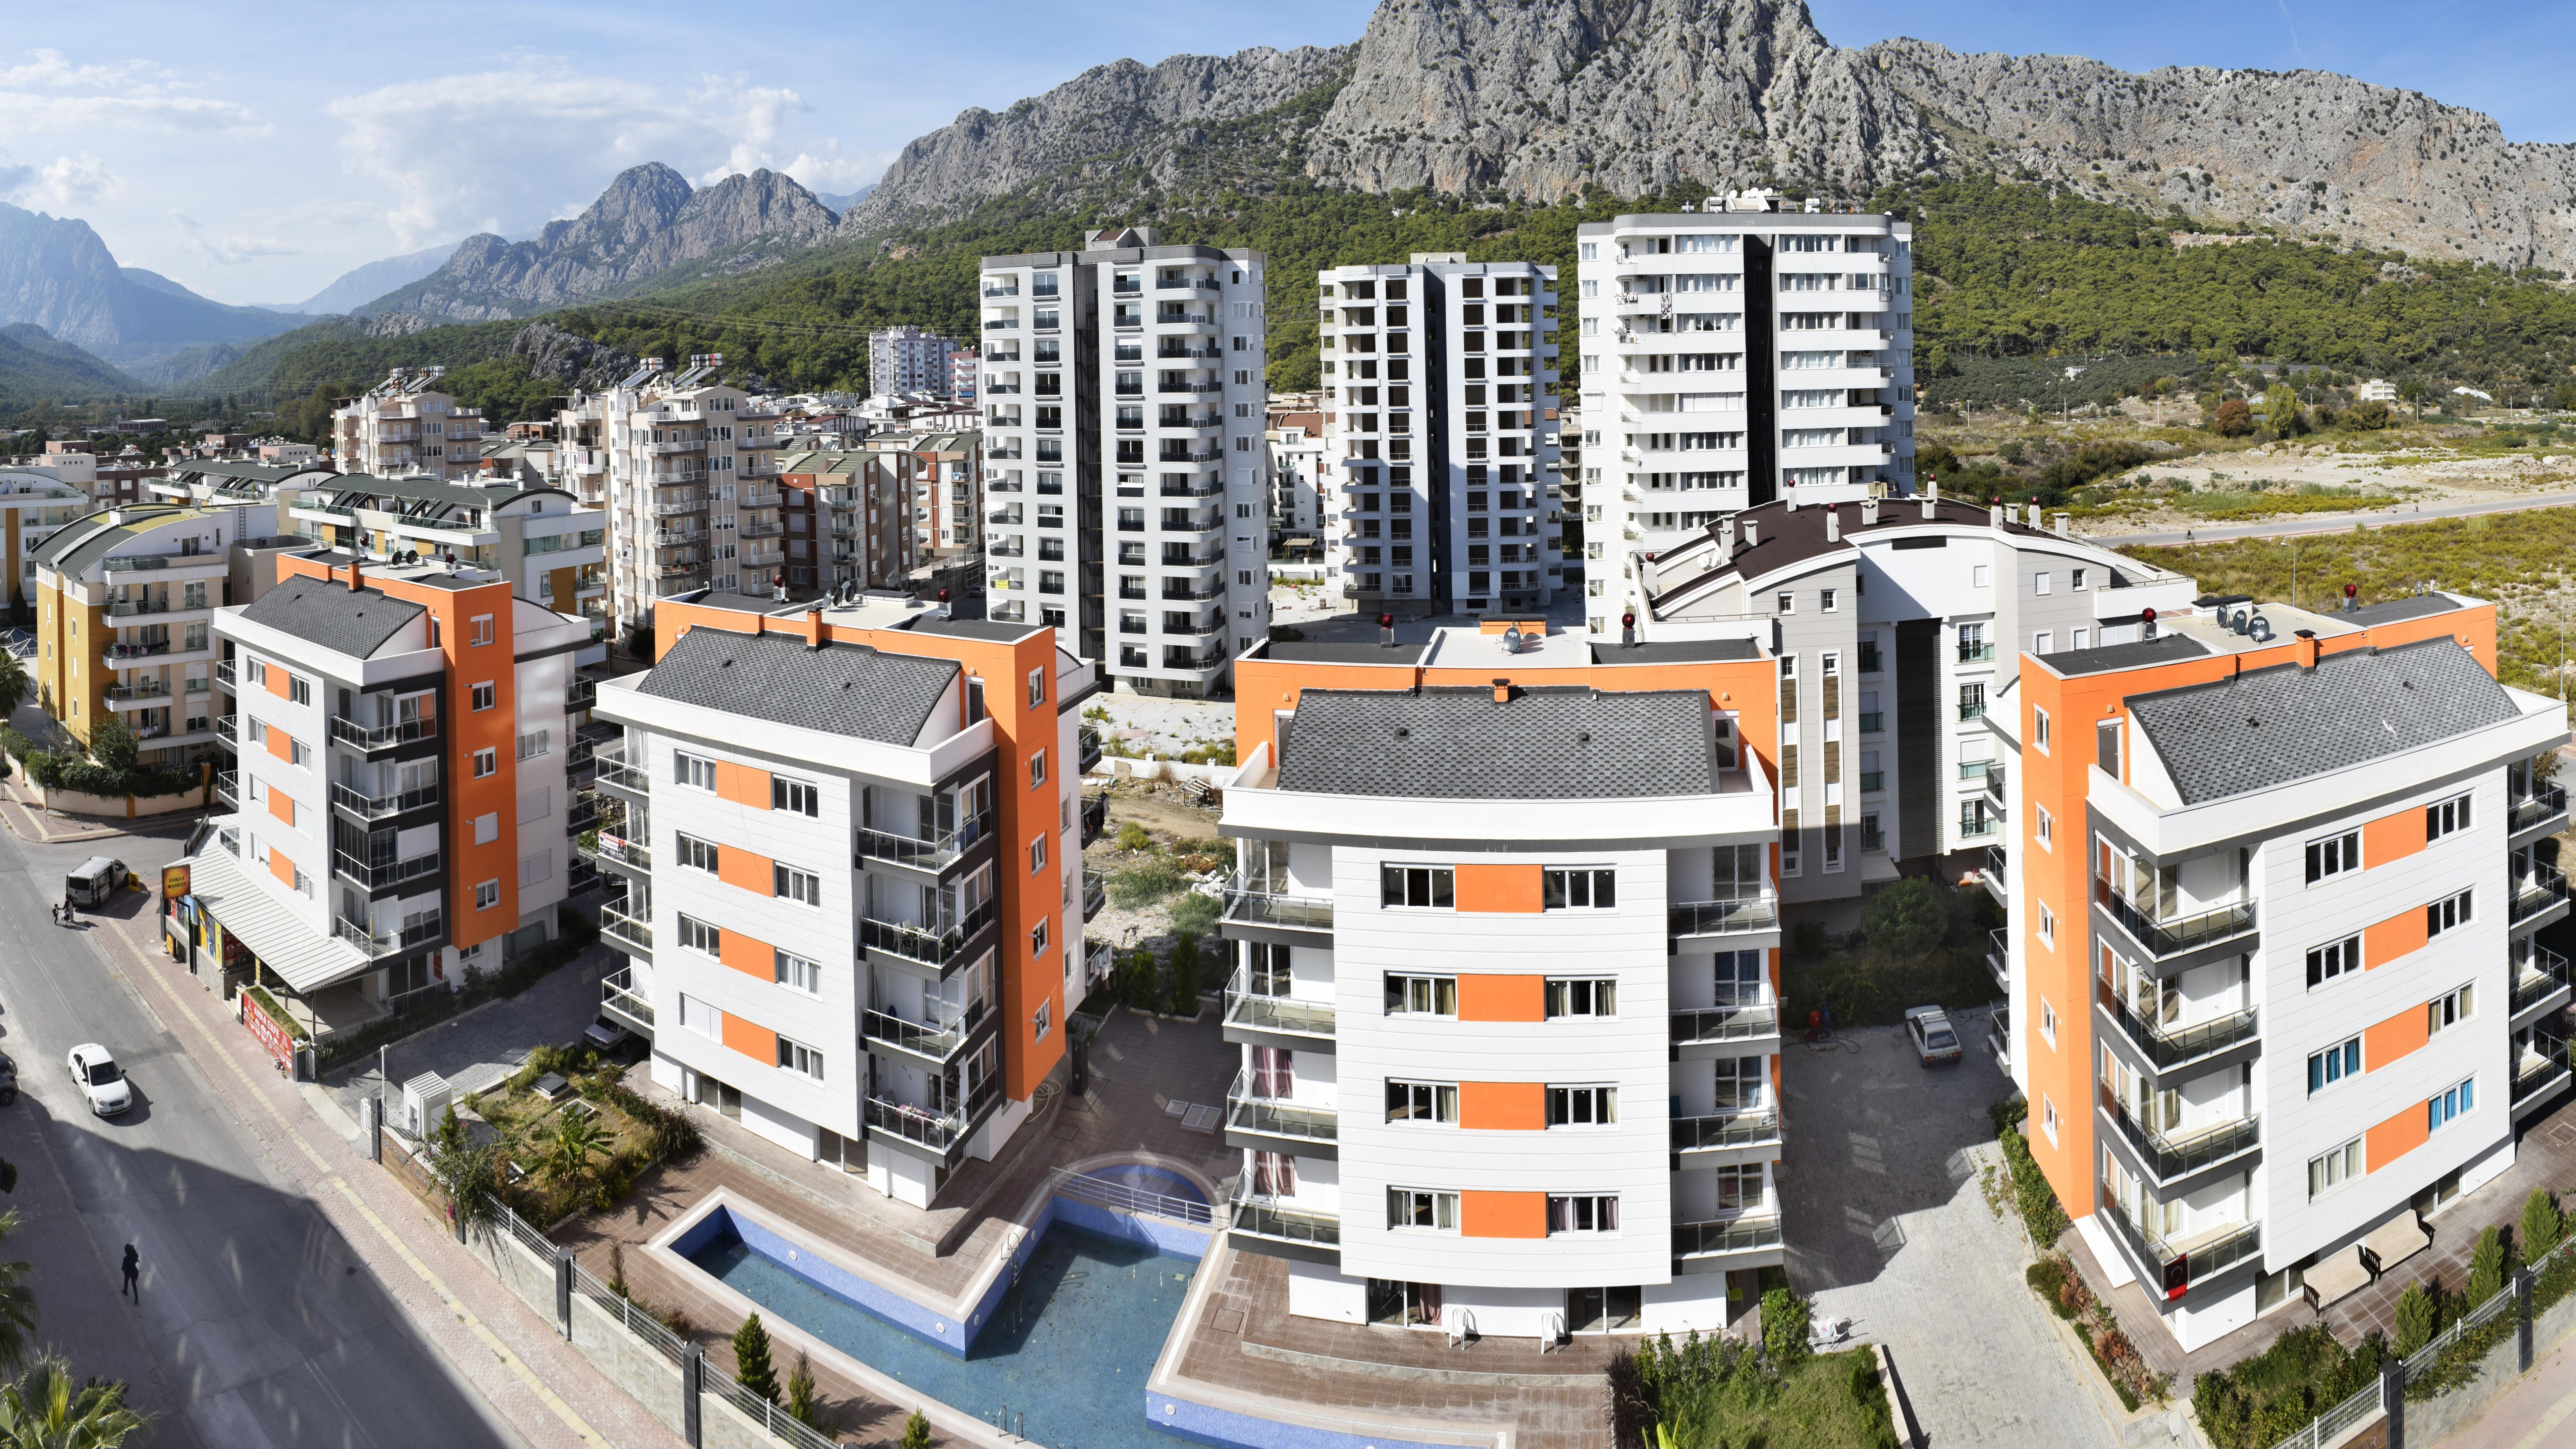 Ferienwohnung Gemtliche 2 Schlafzimmer mit Blick auf die Berge Gratis Wifi (2782156), Çakirlar, , Mittelmeerregion, Türkei, Bild 11